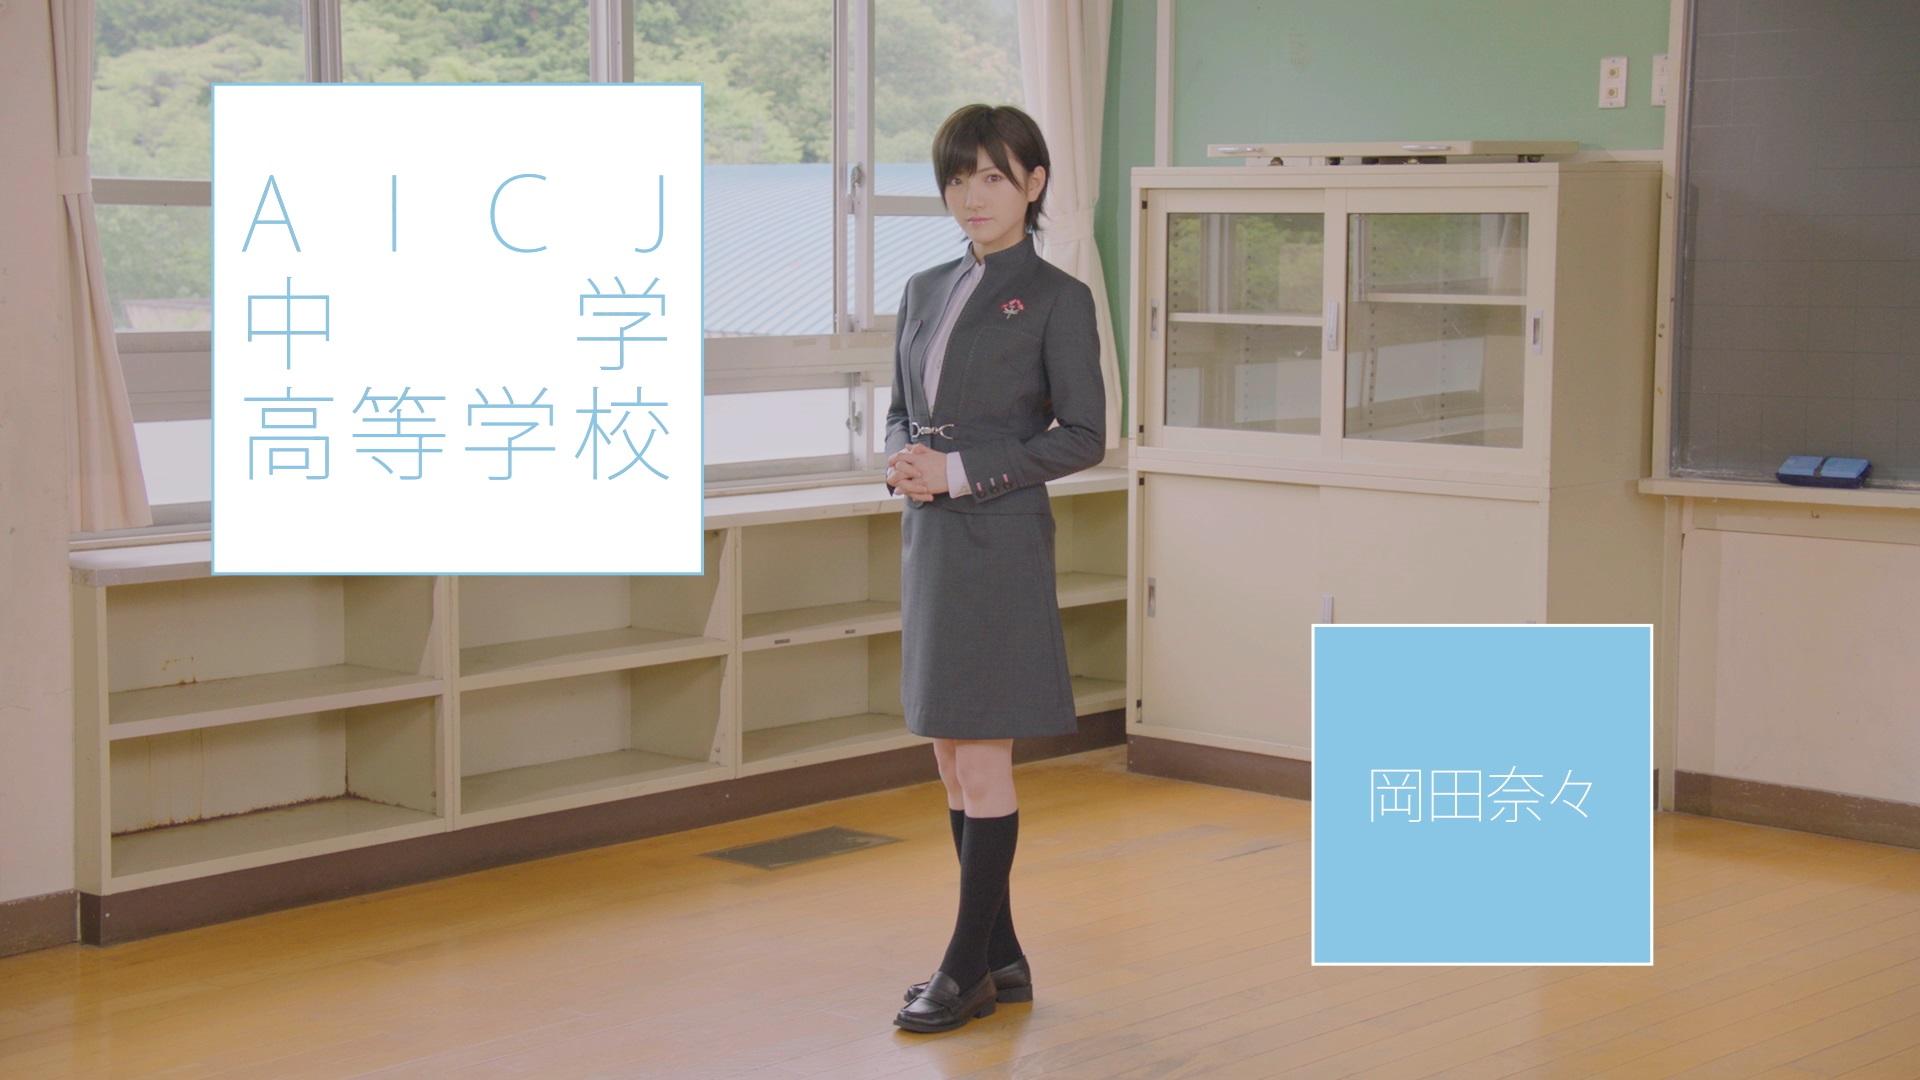 STU48の2枚目シングルの特典映像でAICJの制服が紹介されます。